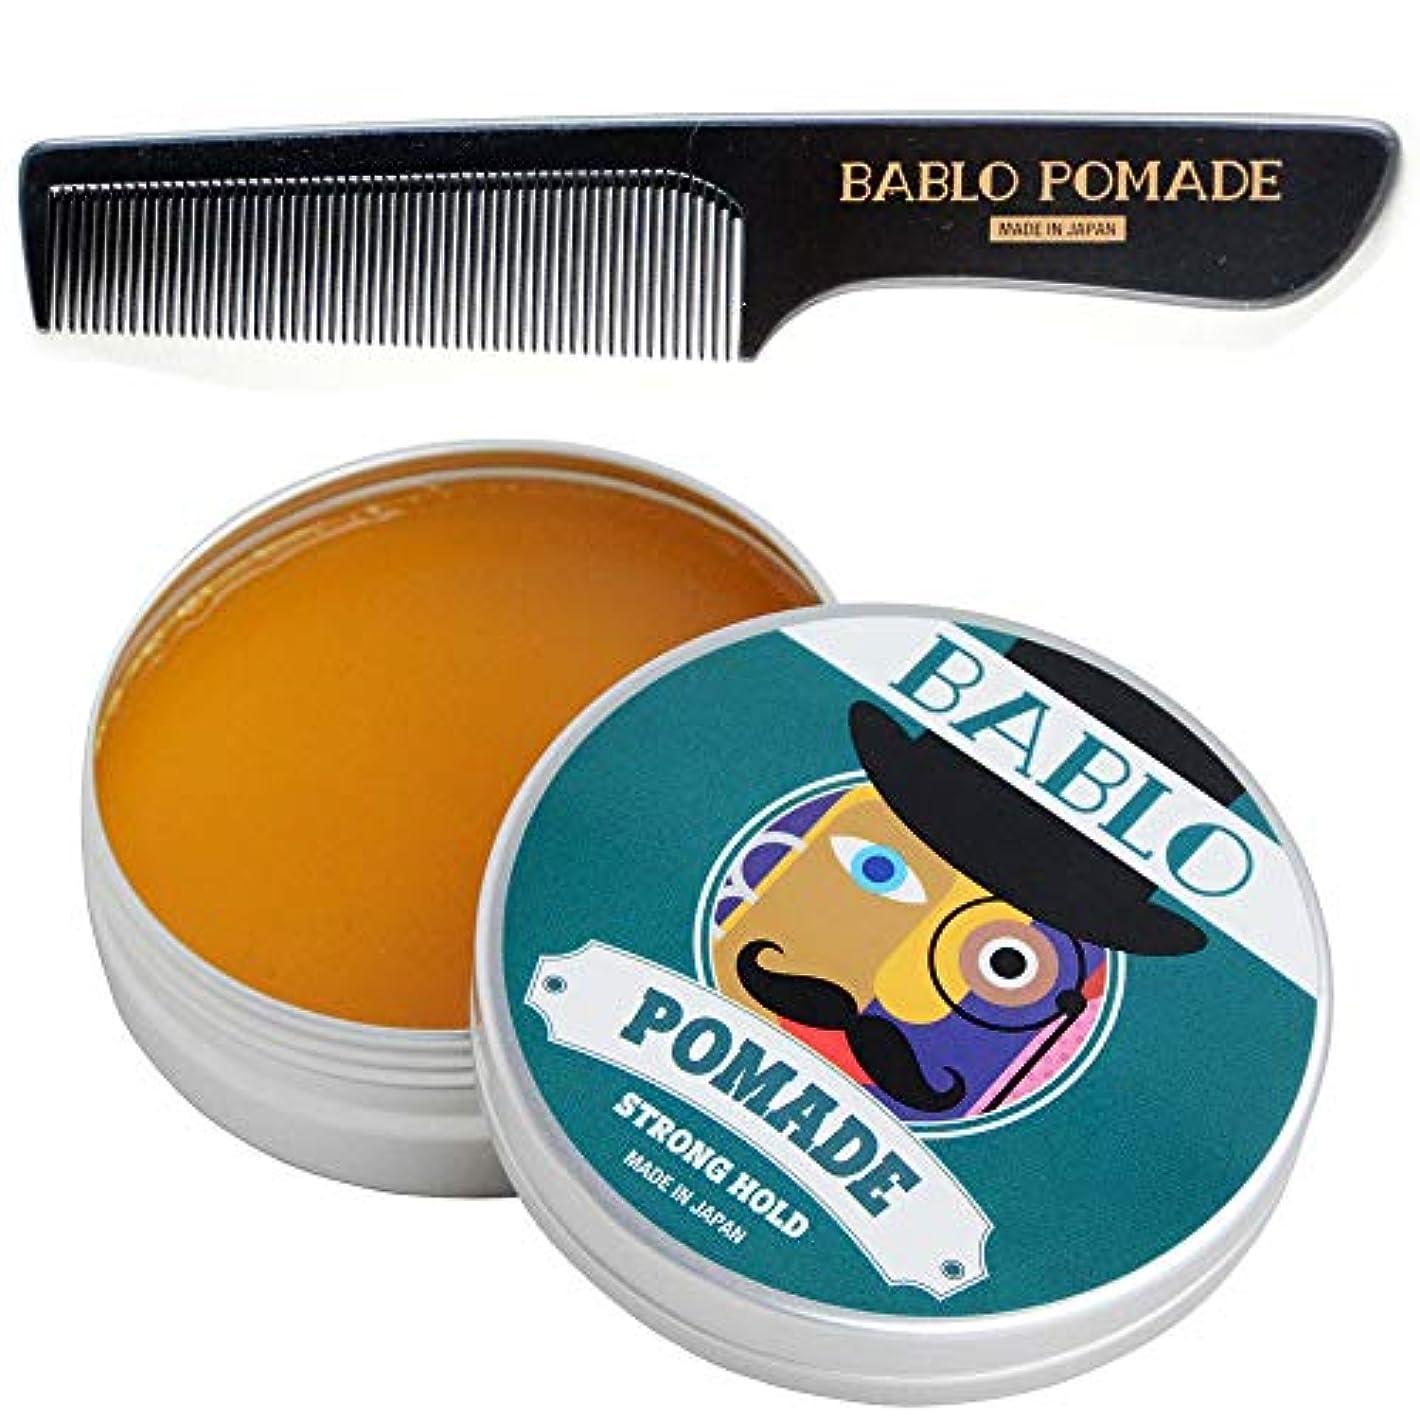 農学野心訴えるバブロ ポマード(BABLO POMADE) ストロング ホールド コーム 櫛 セット メンズ 整髪料 ヘアグリース 130G